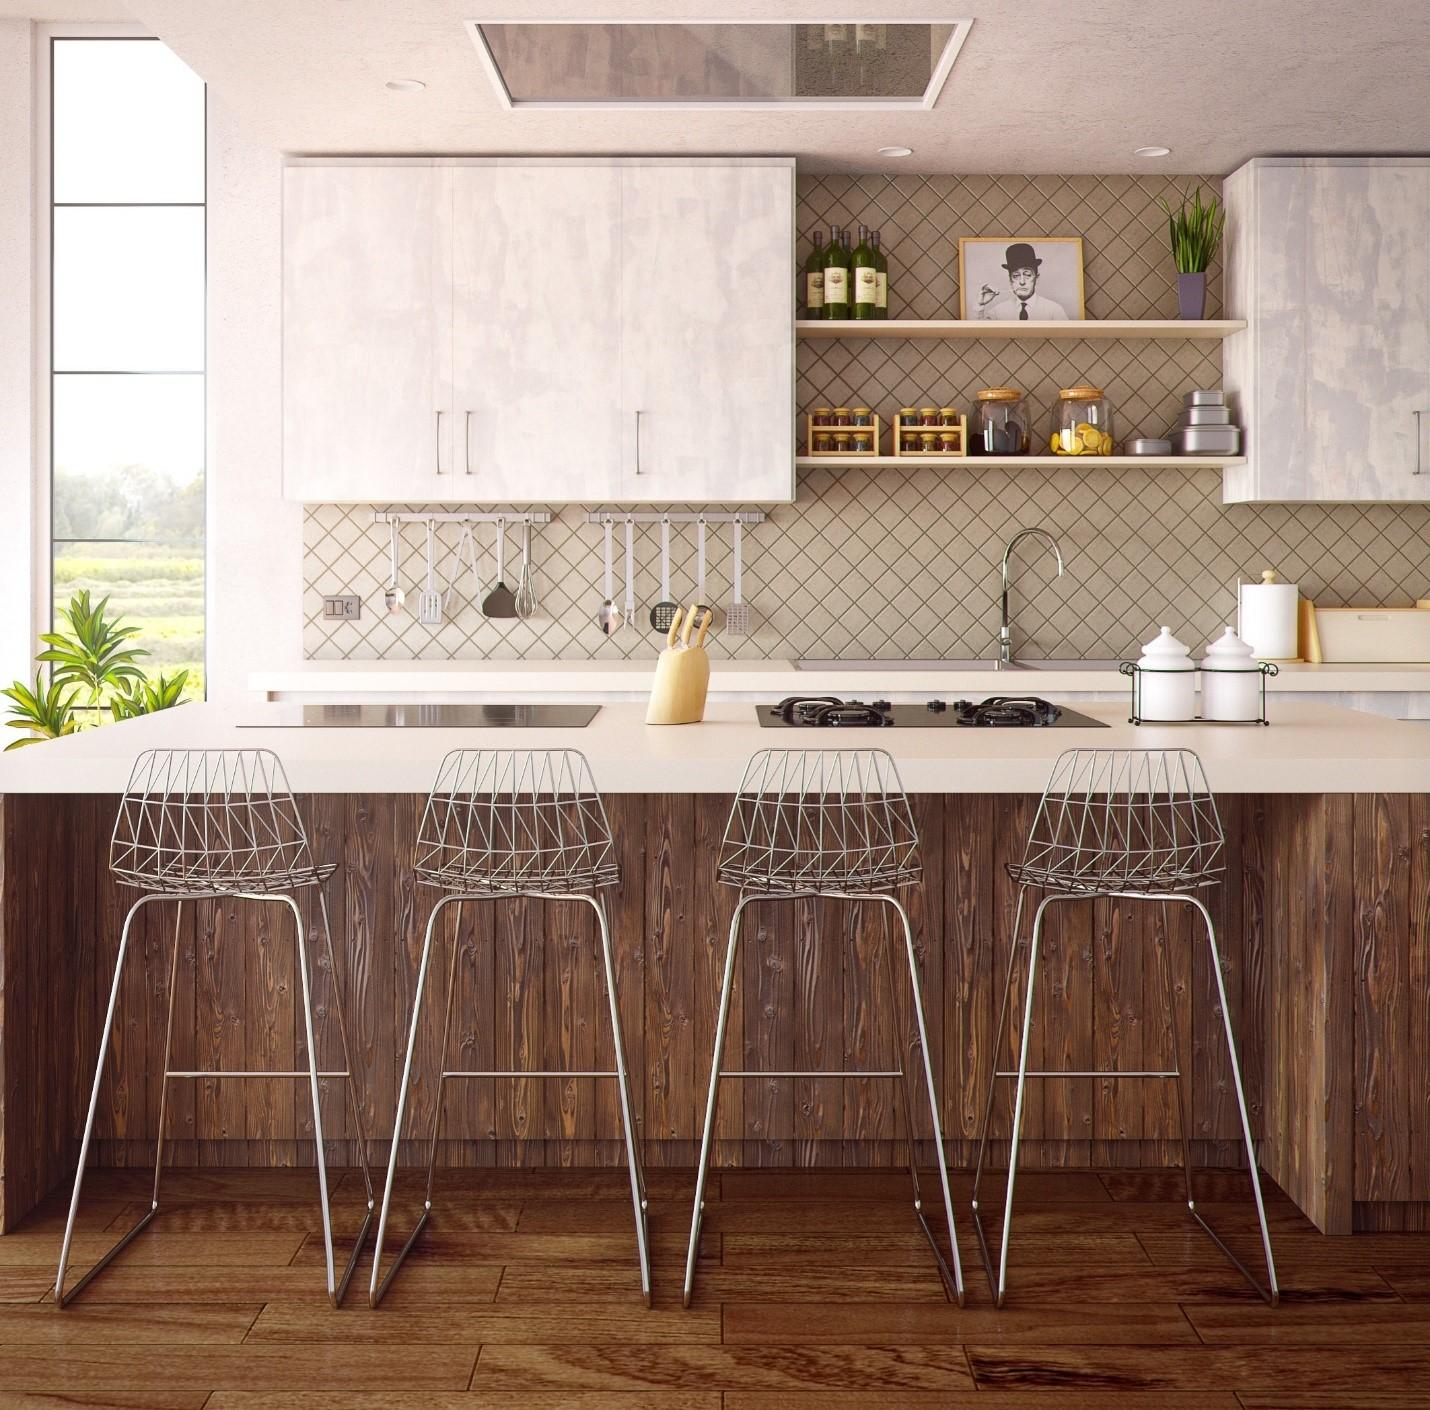 تصميم المطبخ 2020 (الأساسيات واعتبارات التصميم) – الجزء (1) ، بعدسة بواسطة مهندس معماري / تصميم مطبخ